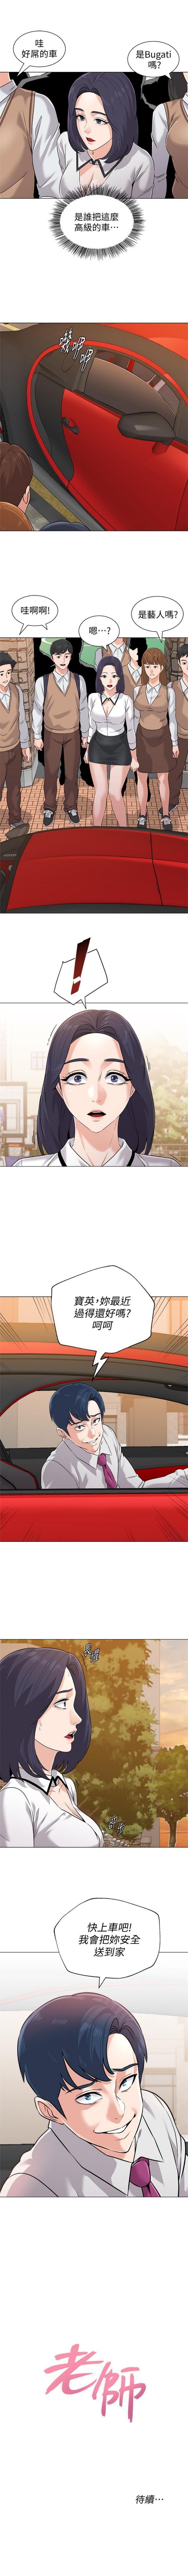 老師 1-80 官方中文(連載中) 587